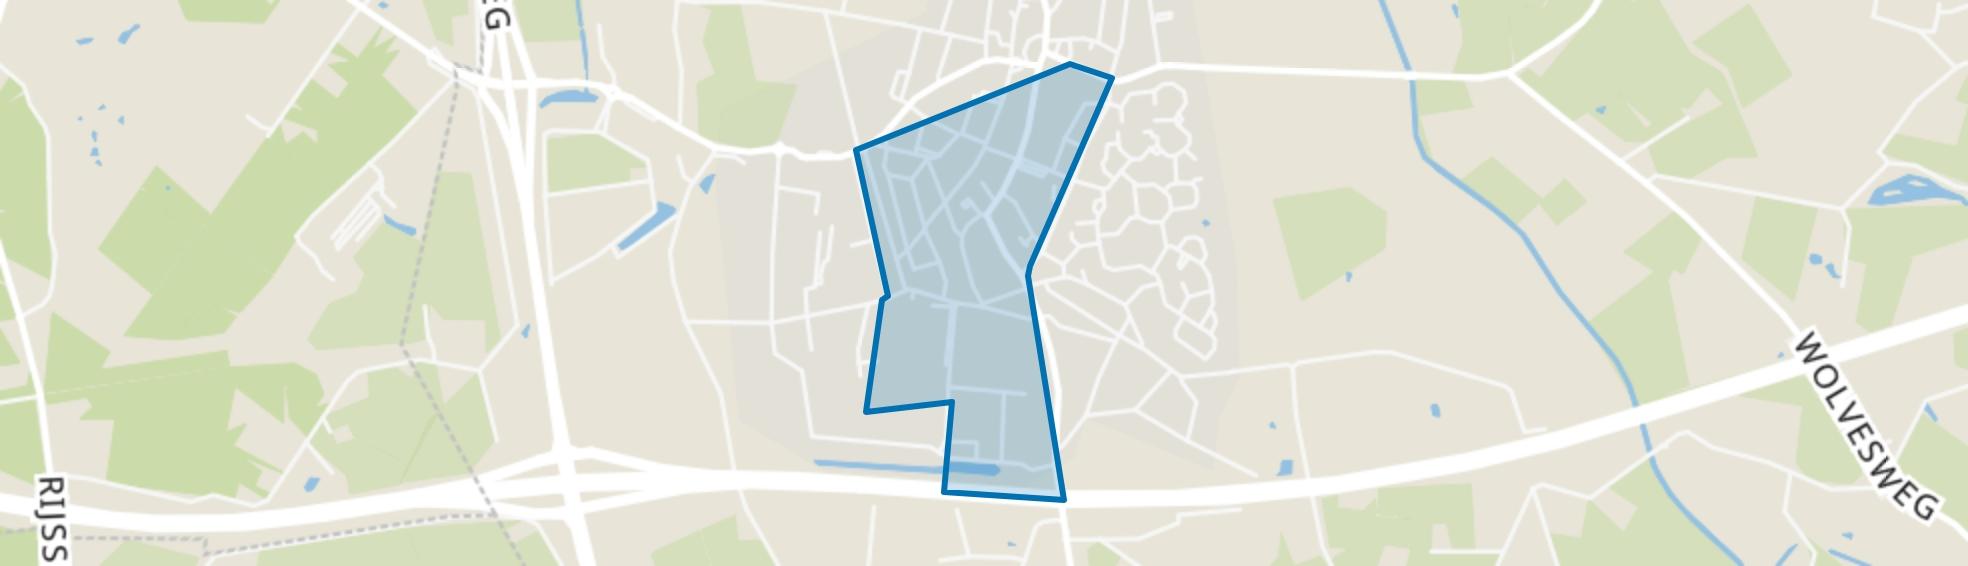 Enter-Zuidwest, Enter map